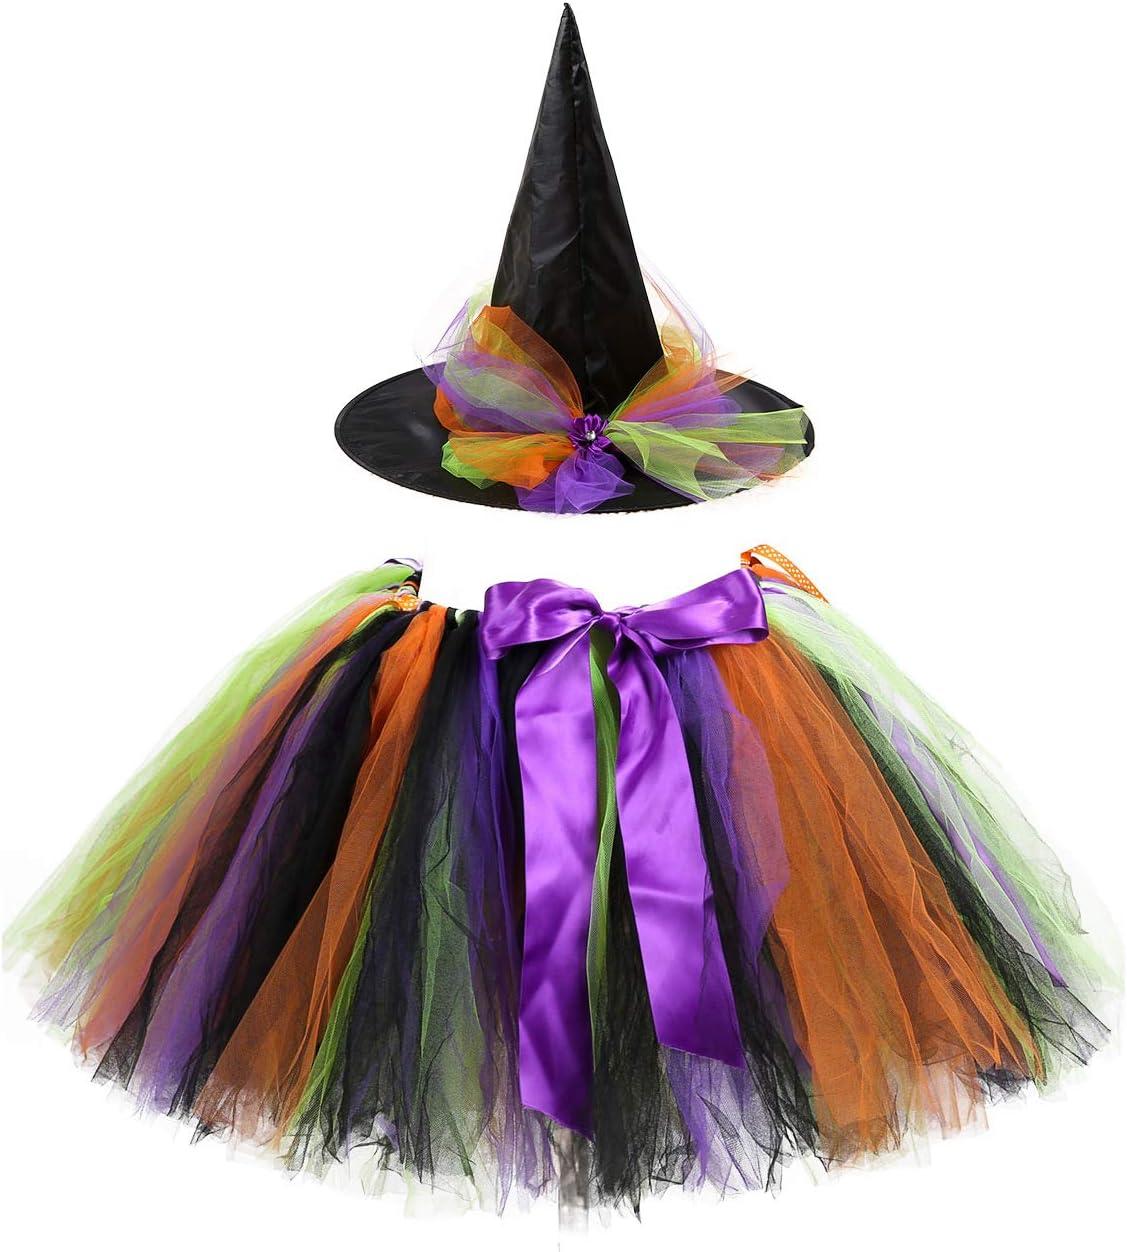 Azly-Cloth Falda de tutú Arcoiris y Sombrero de Bruja, Falda de ...